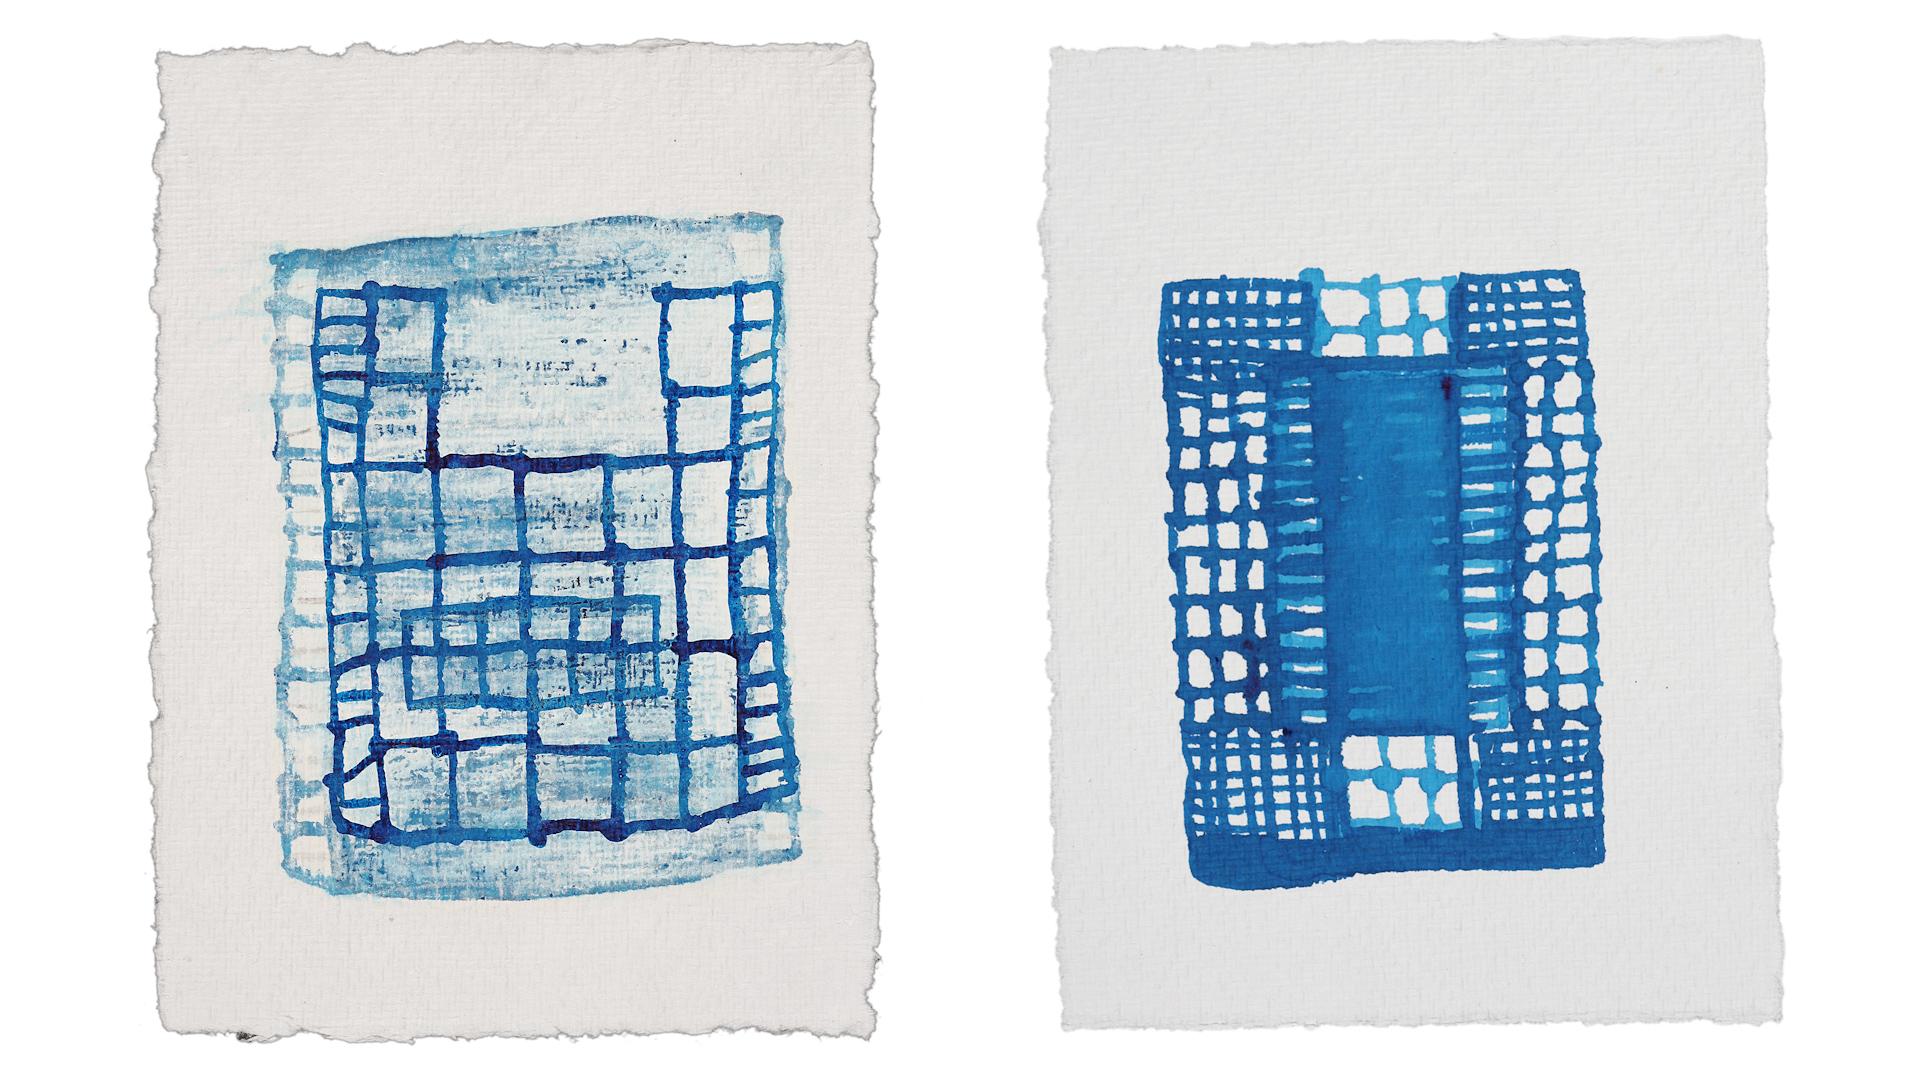 Drawings by Susan Hefuna